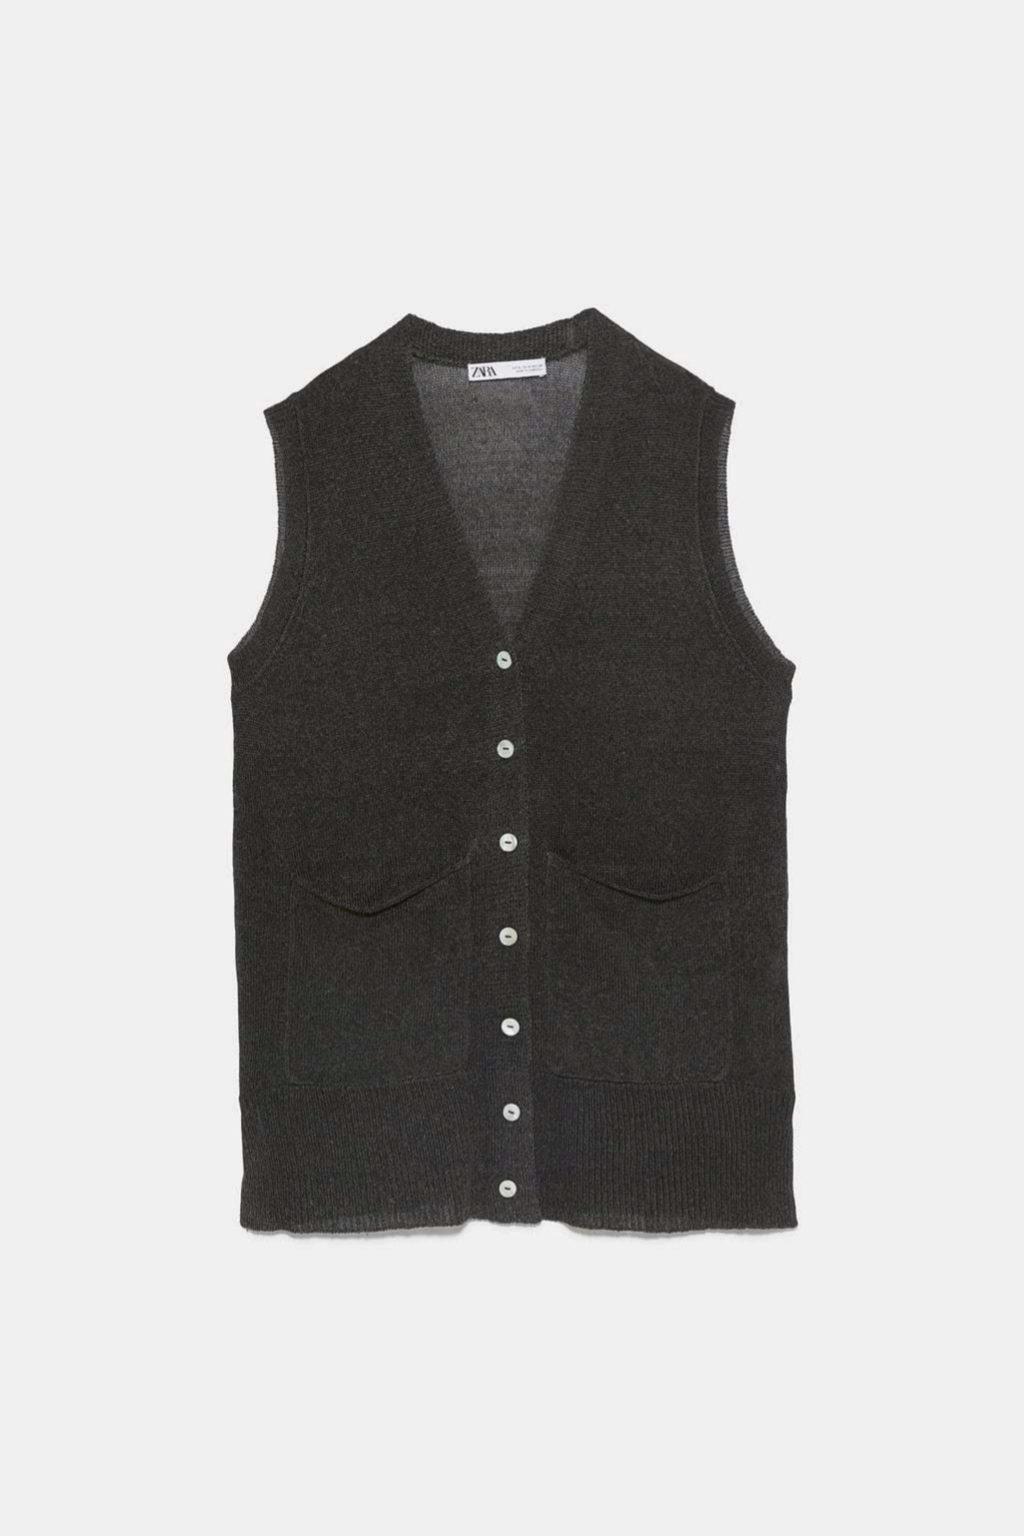 Chaleco de punto en color khaki de Zara